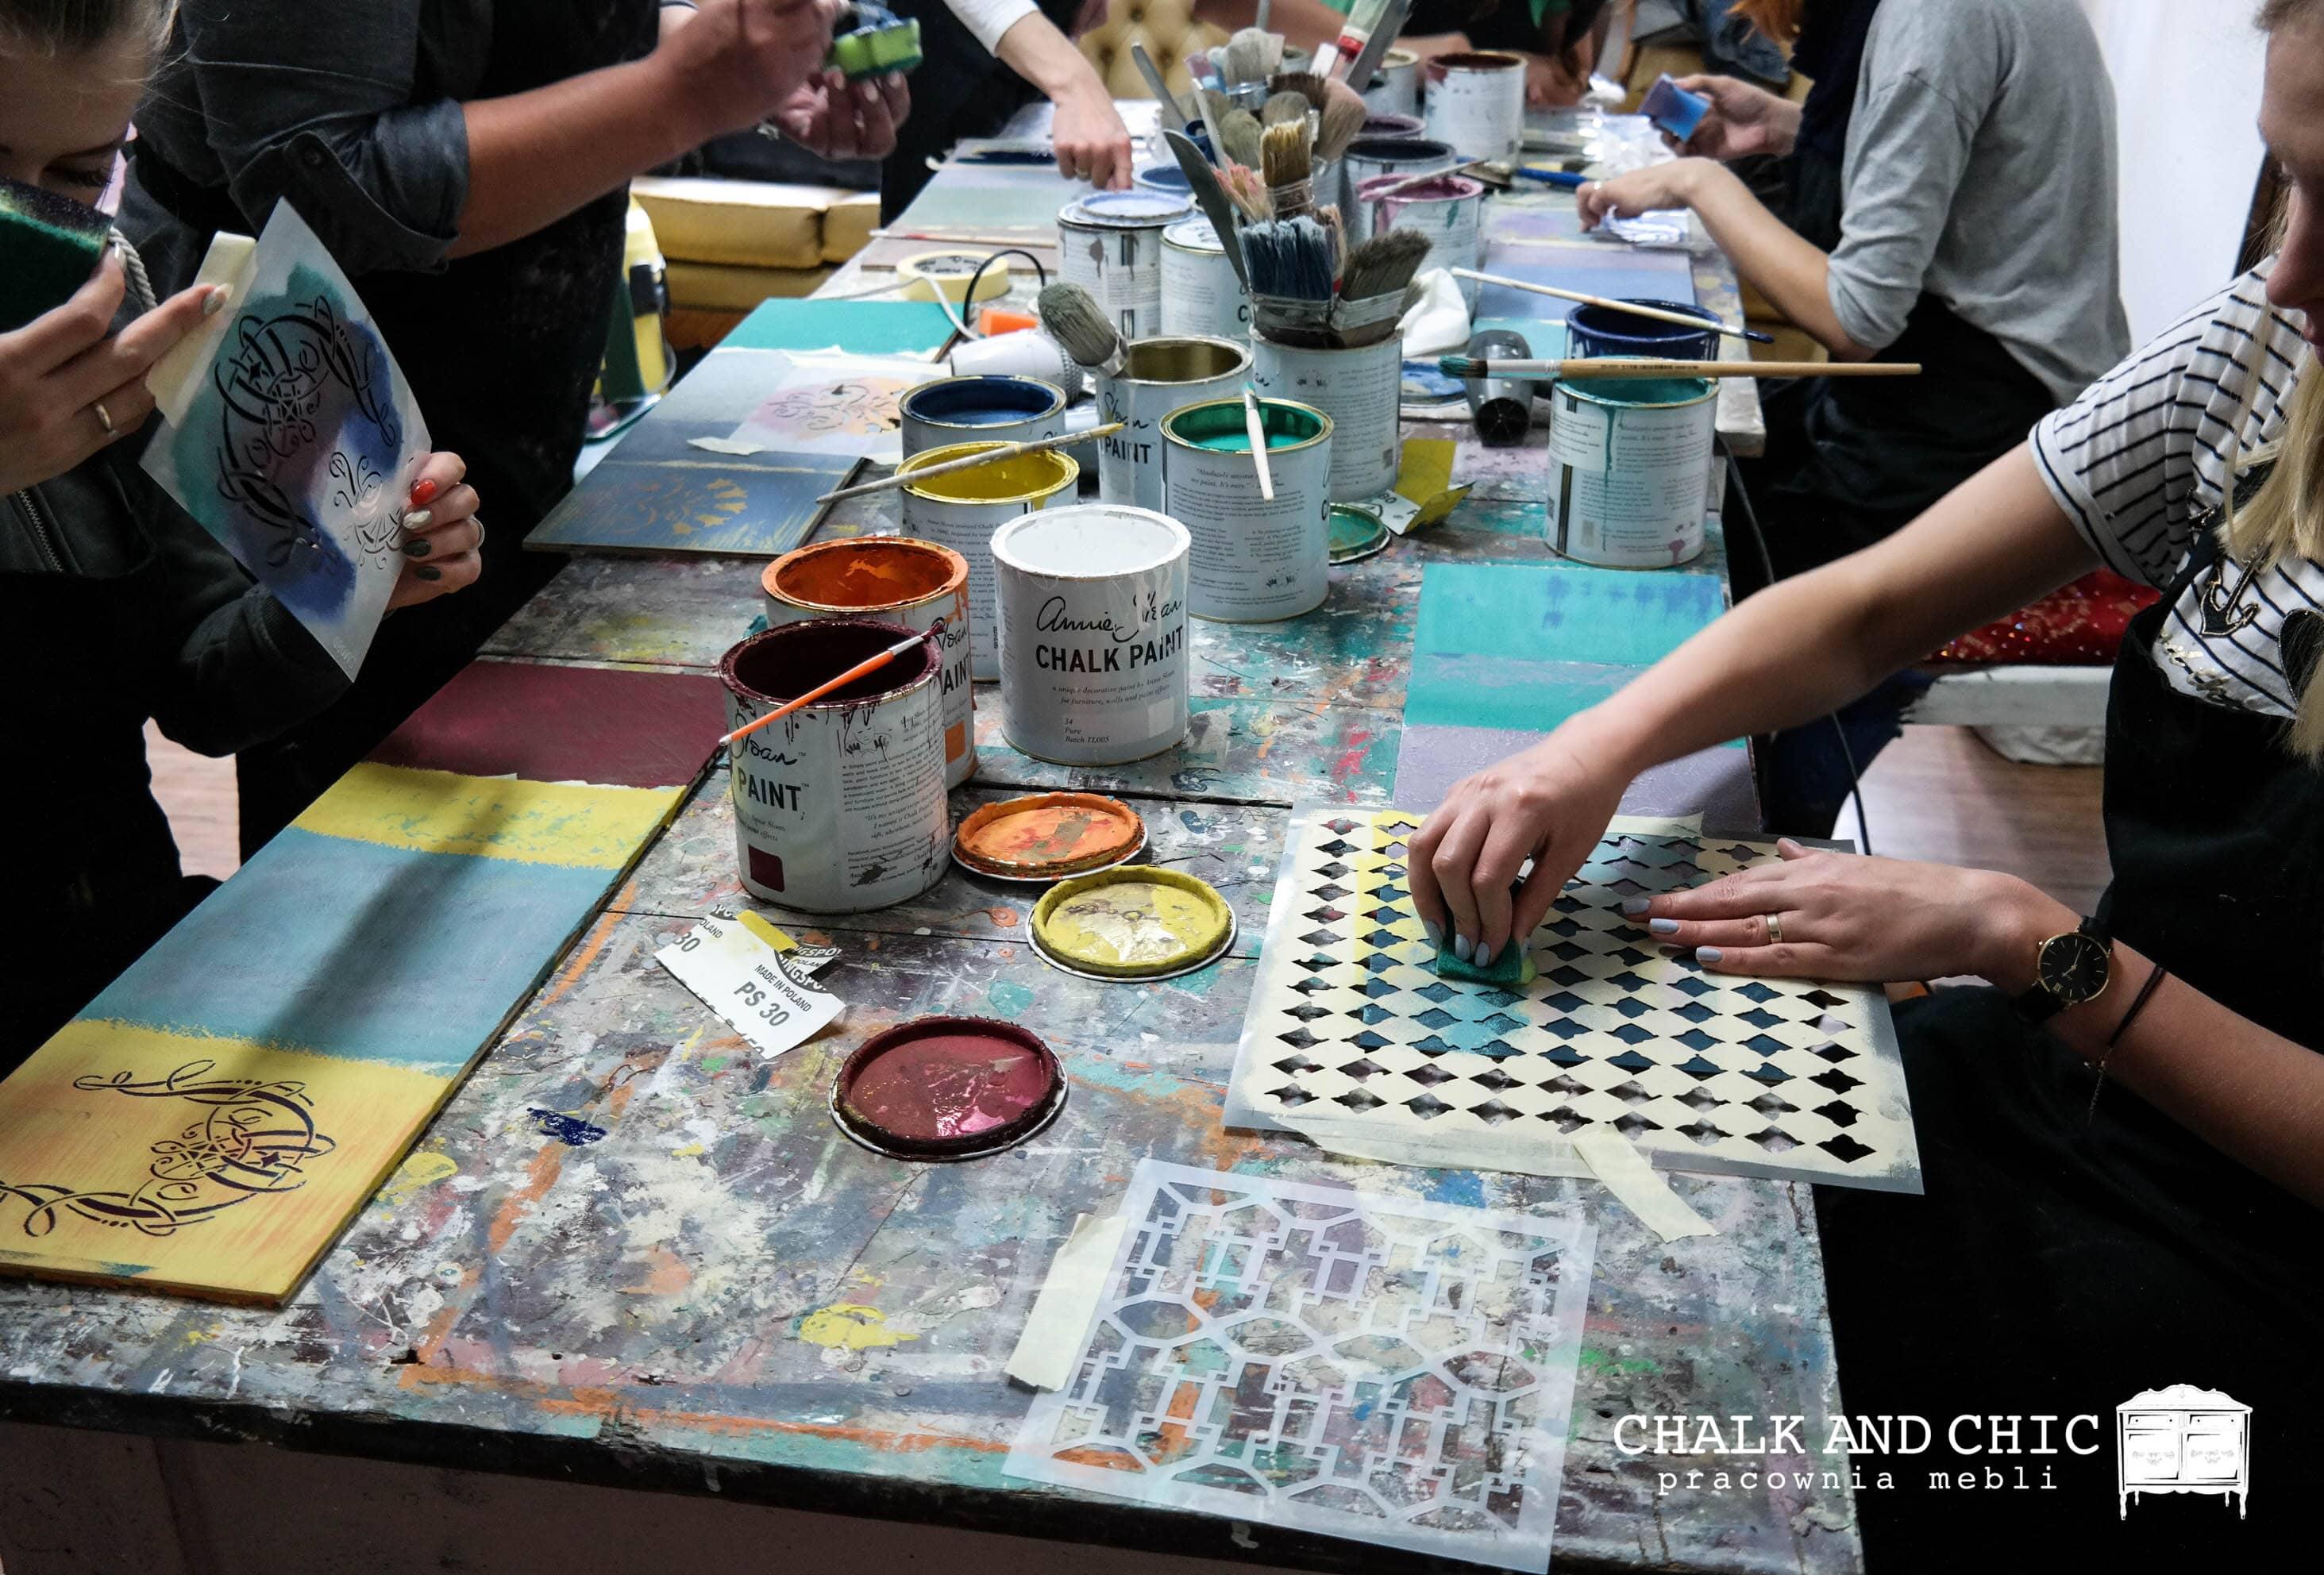 warsztaty odnawiania mebli w Lublinie Chalk Paint Annie Sloan